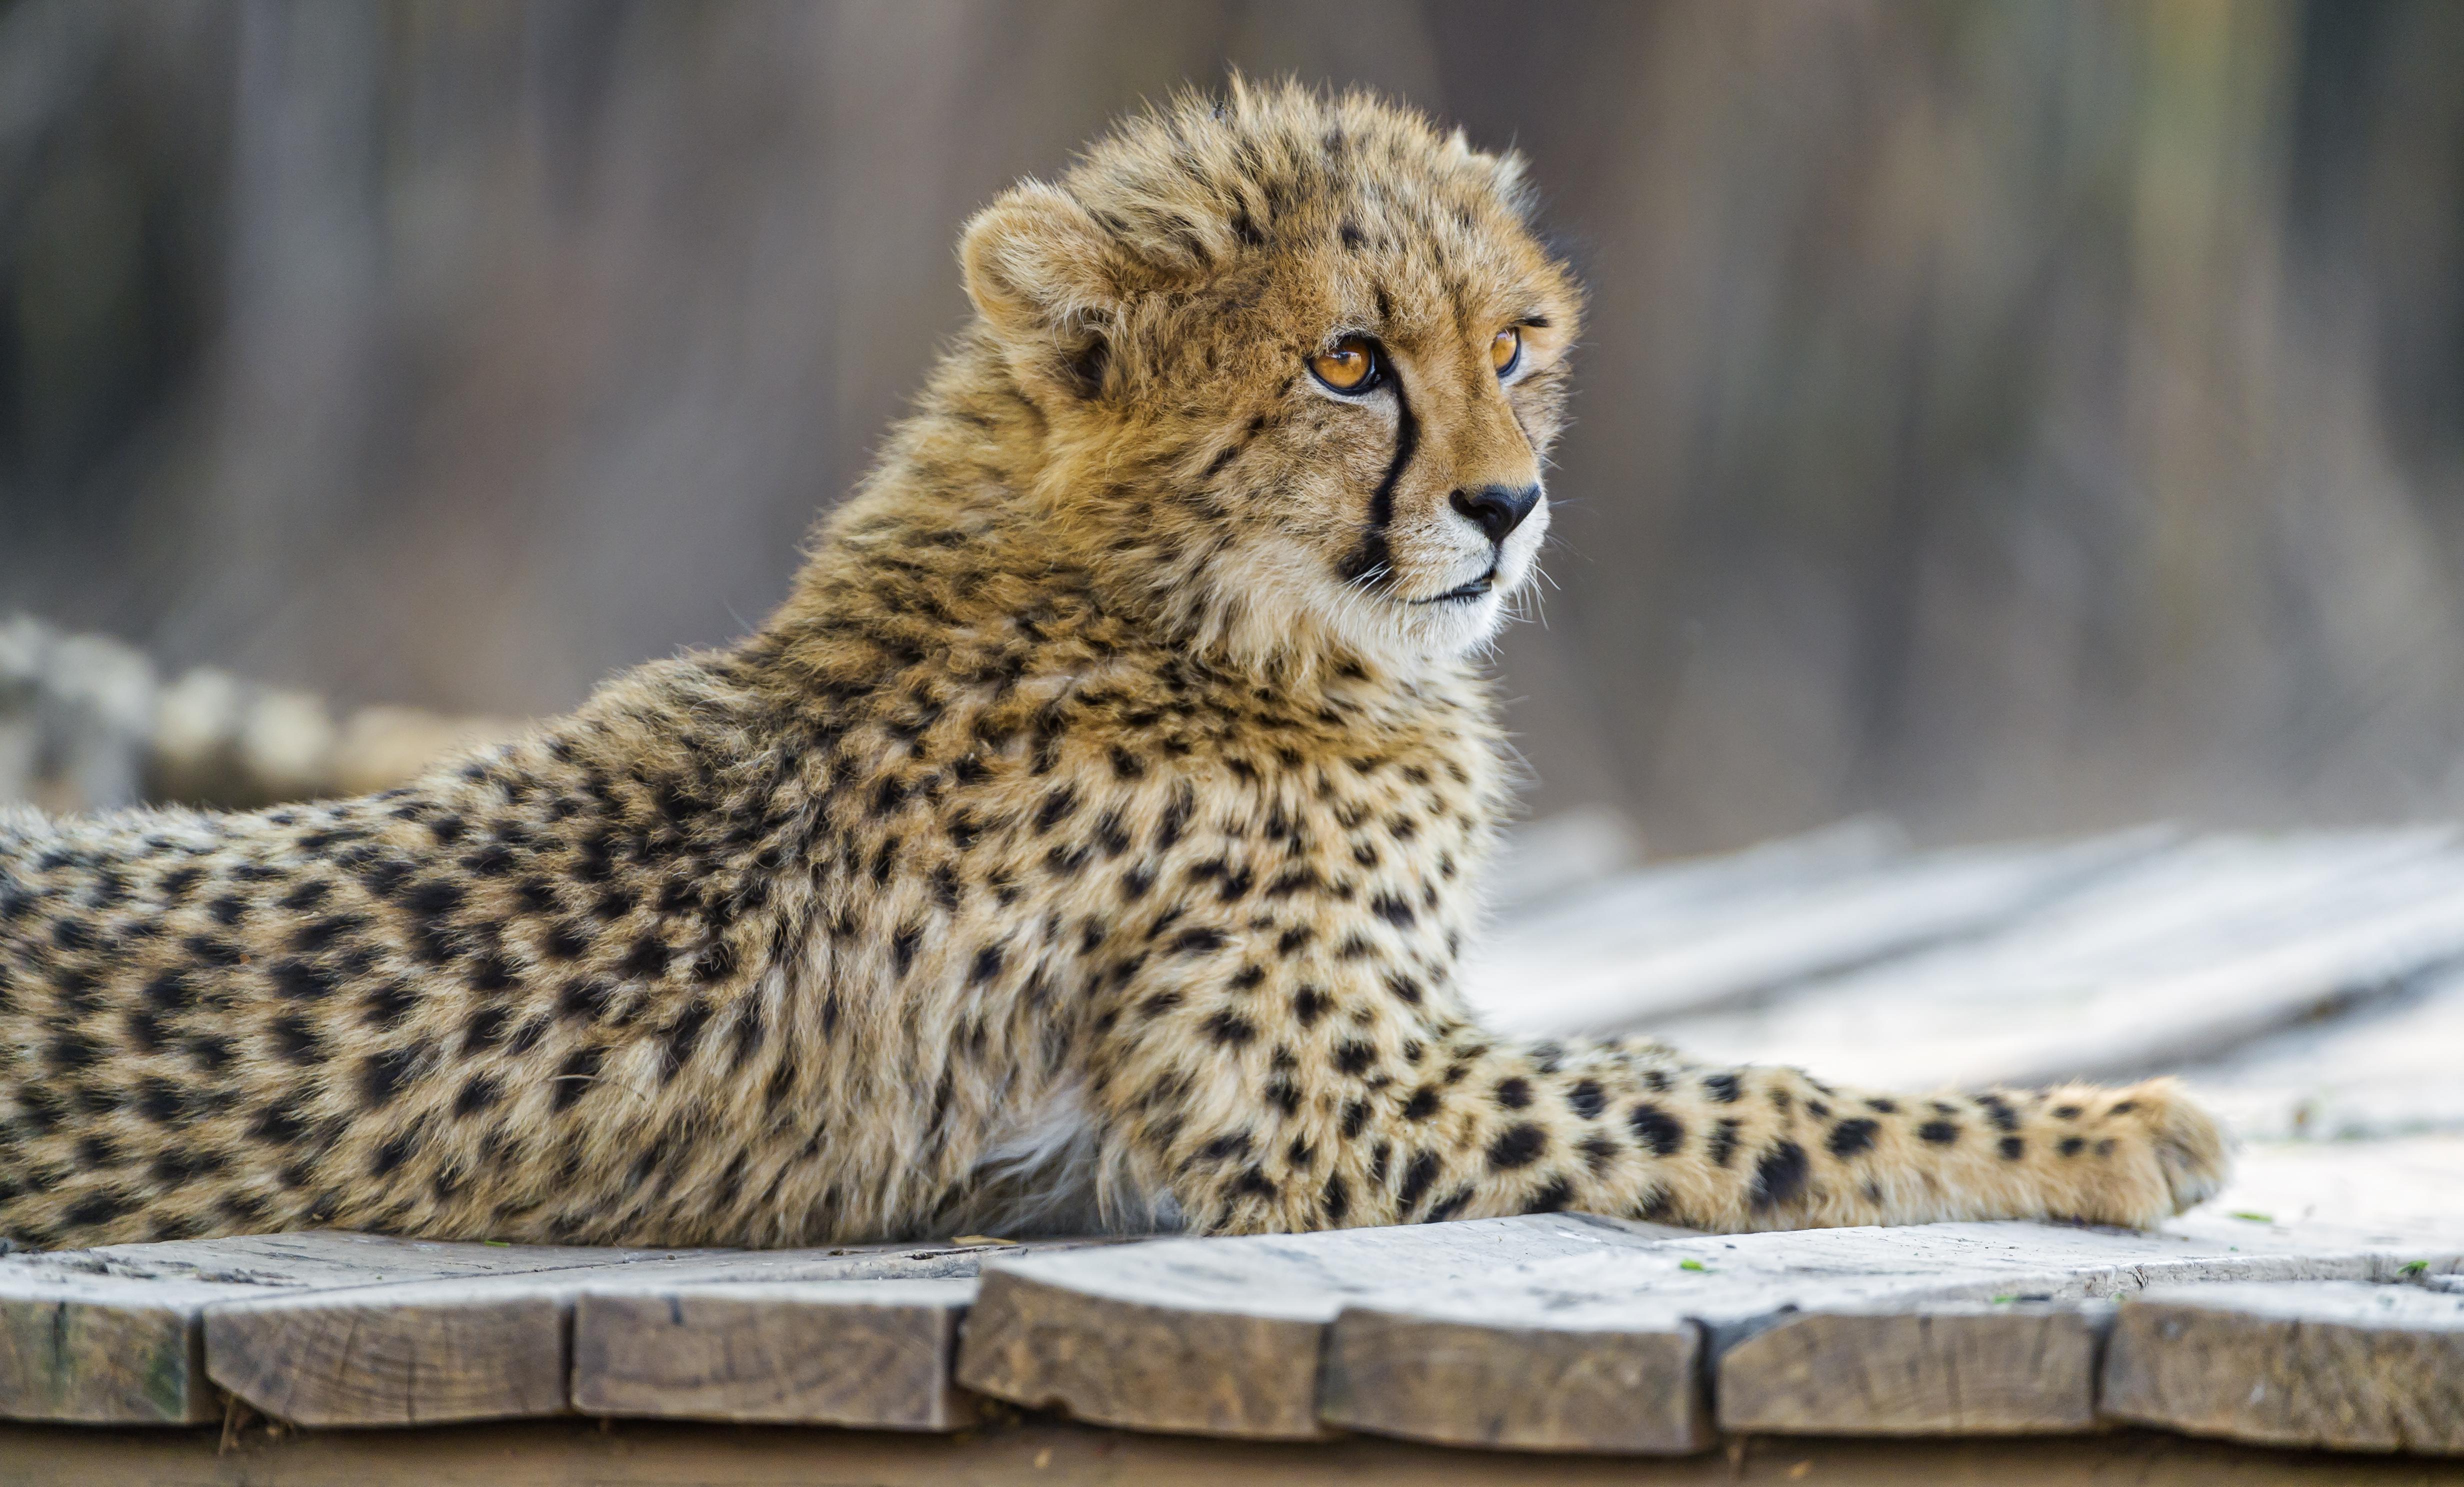 Cheetah Cub on the Platform - Tambako The Jaguar